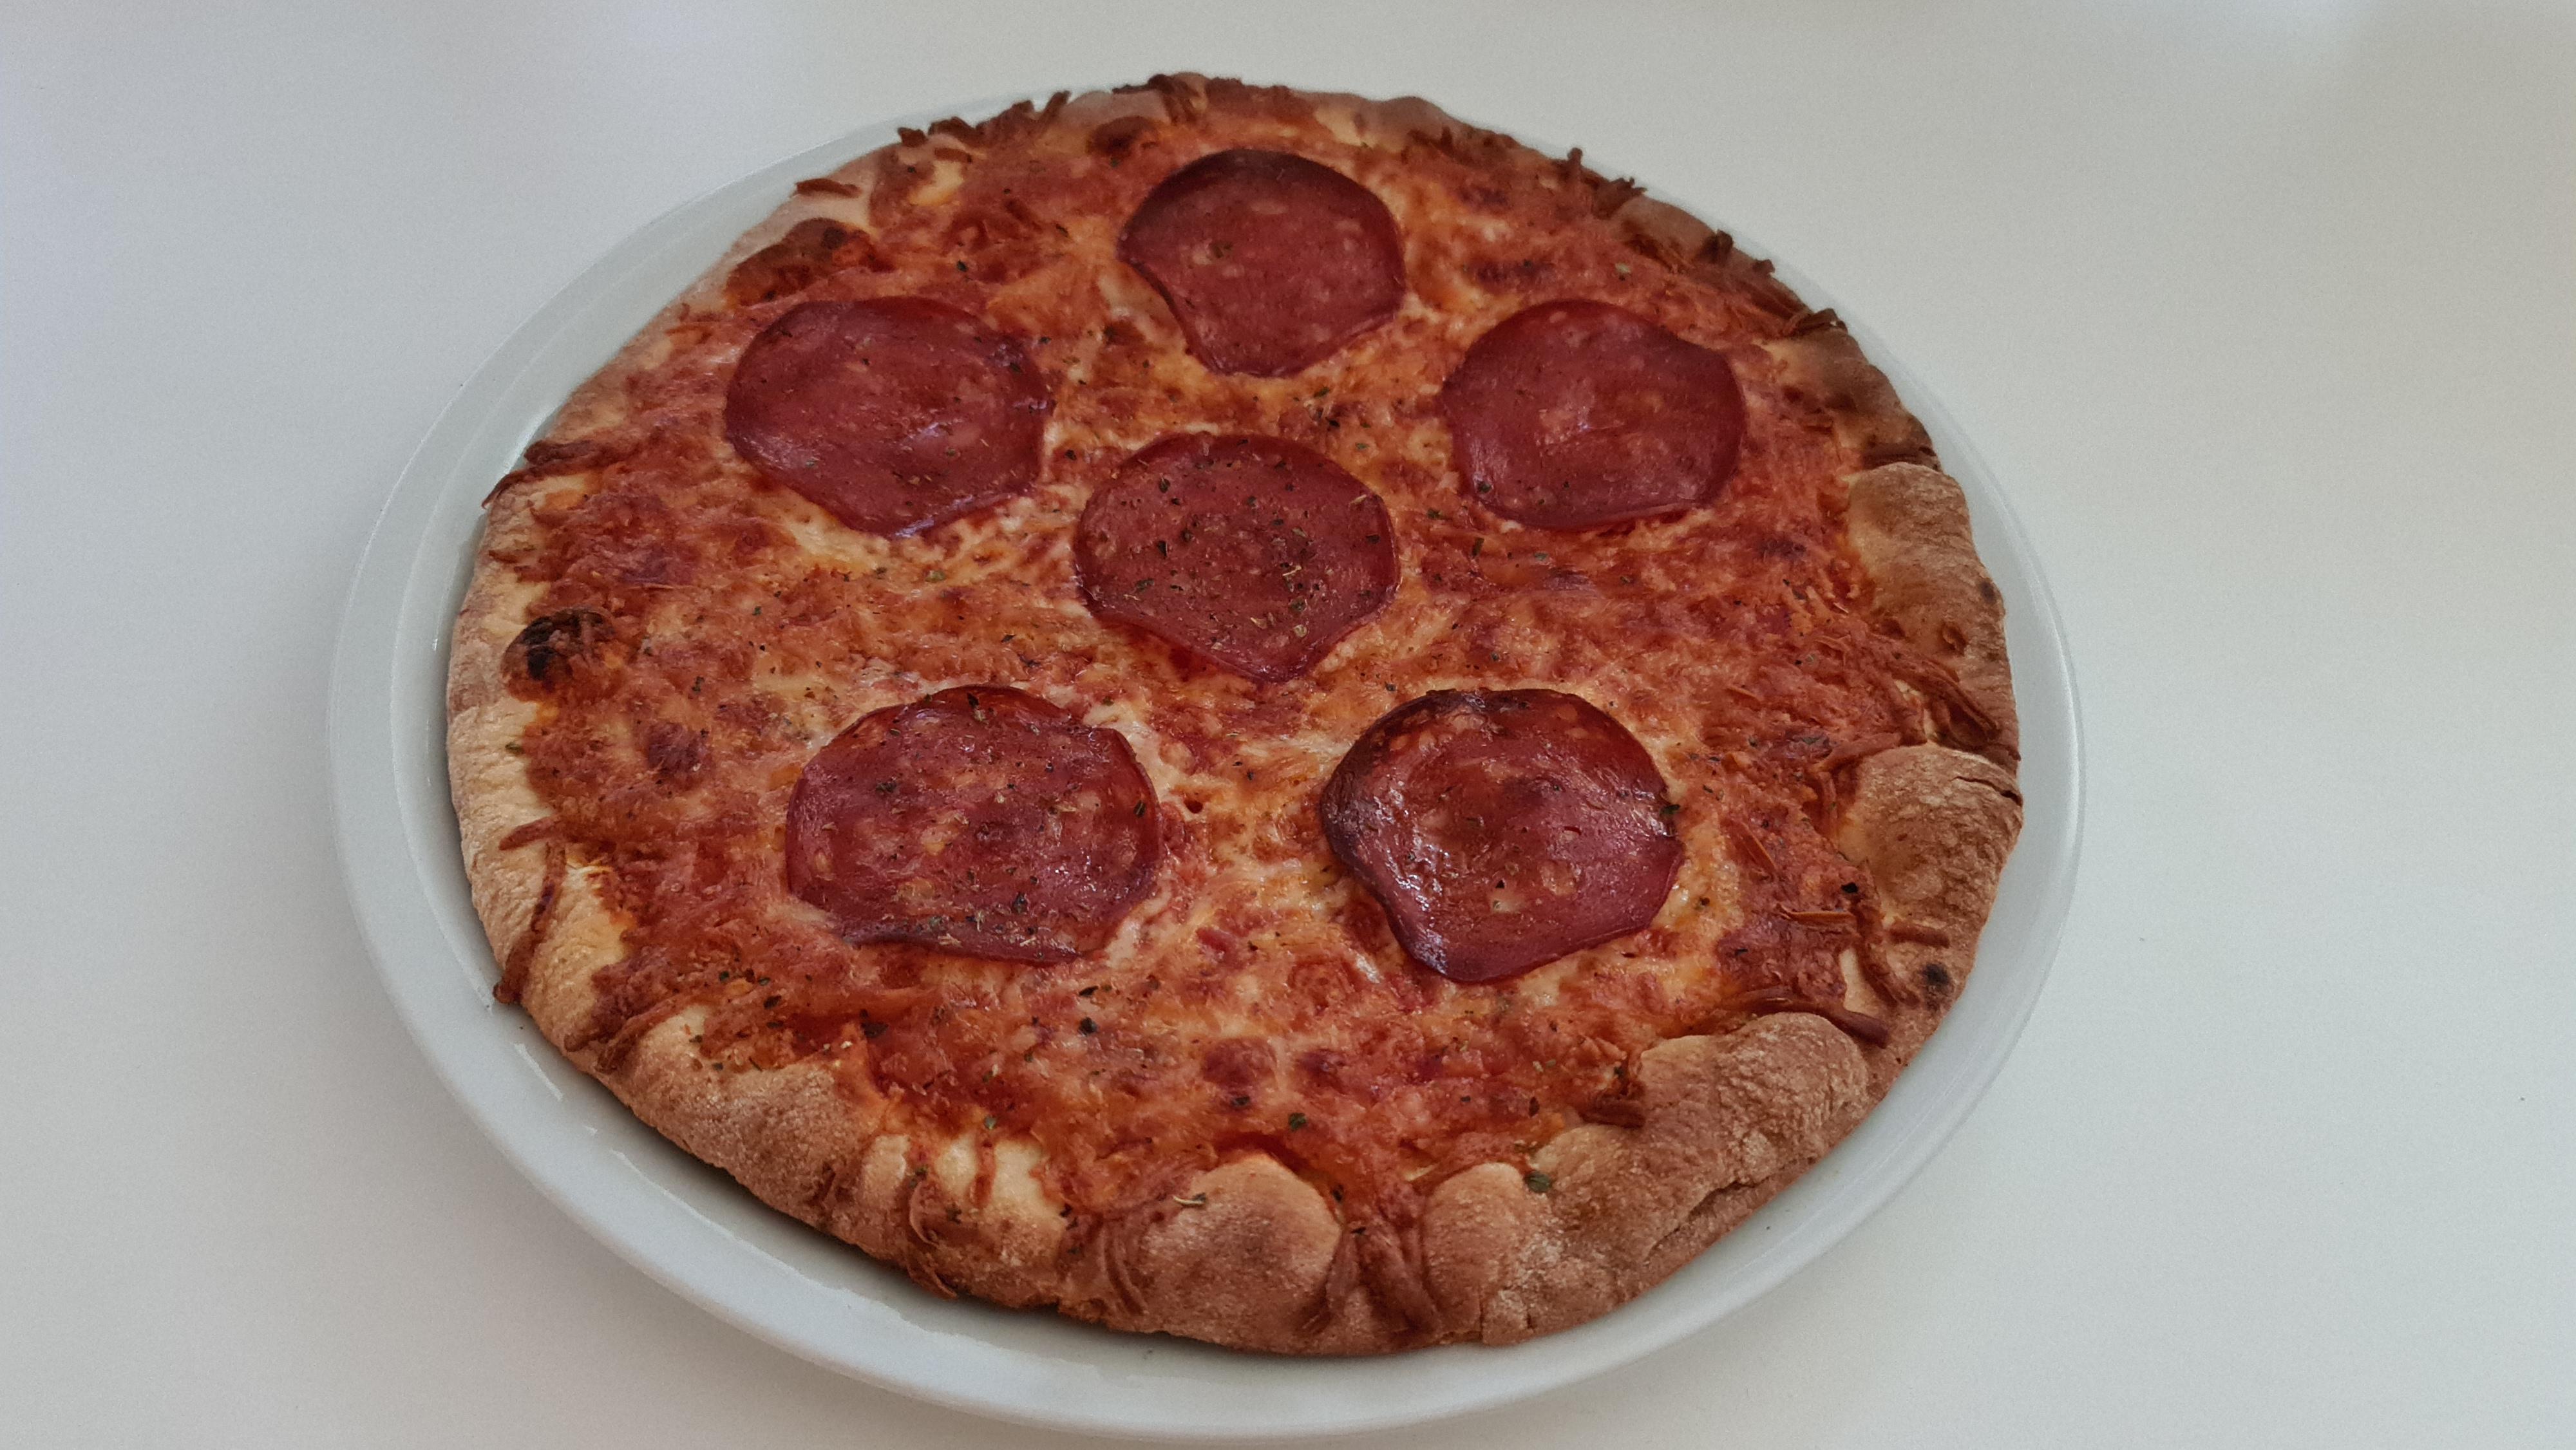 https://foodloader.net/Holz_2020-12-07_Pizza.jpg